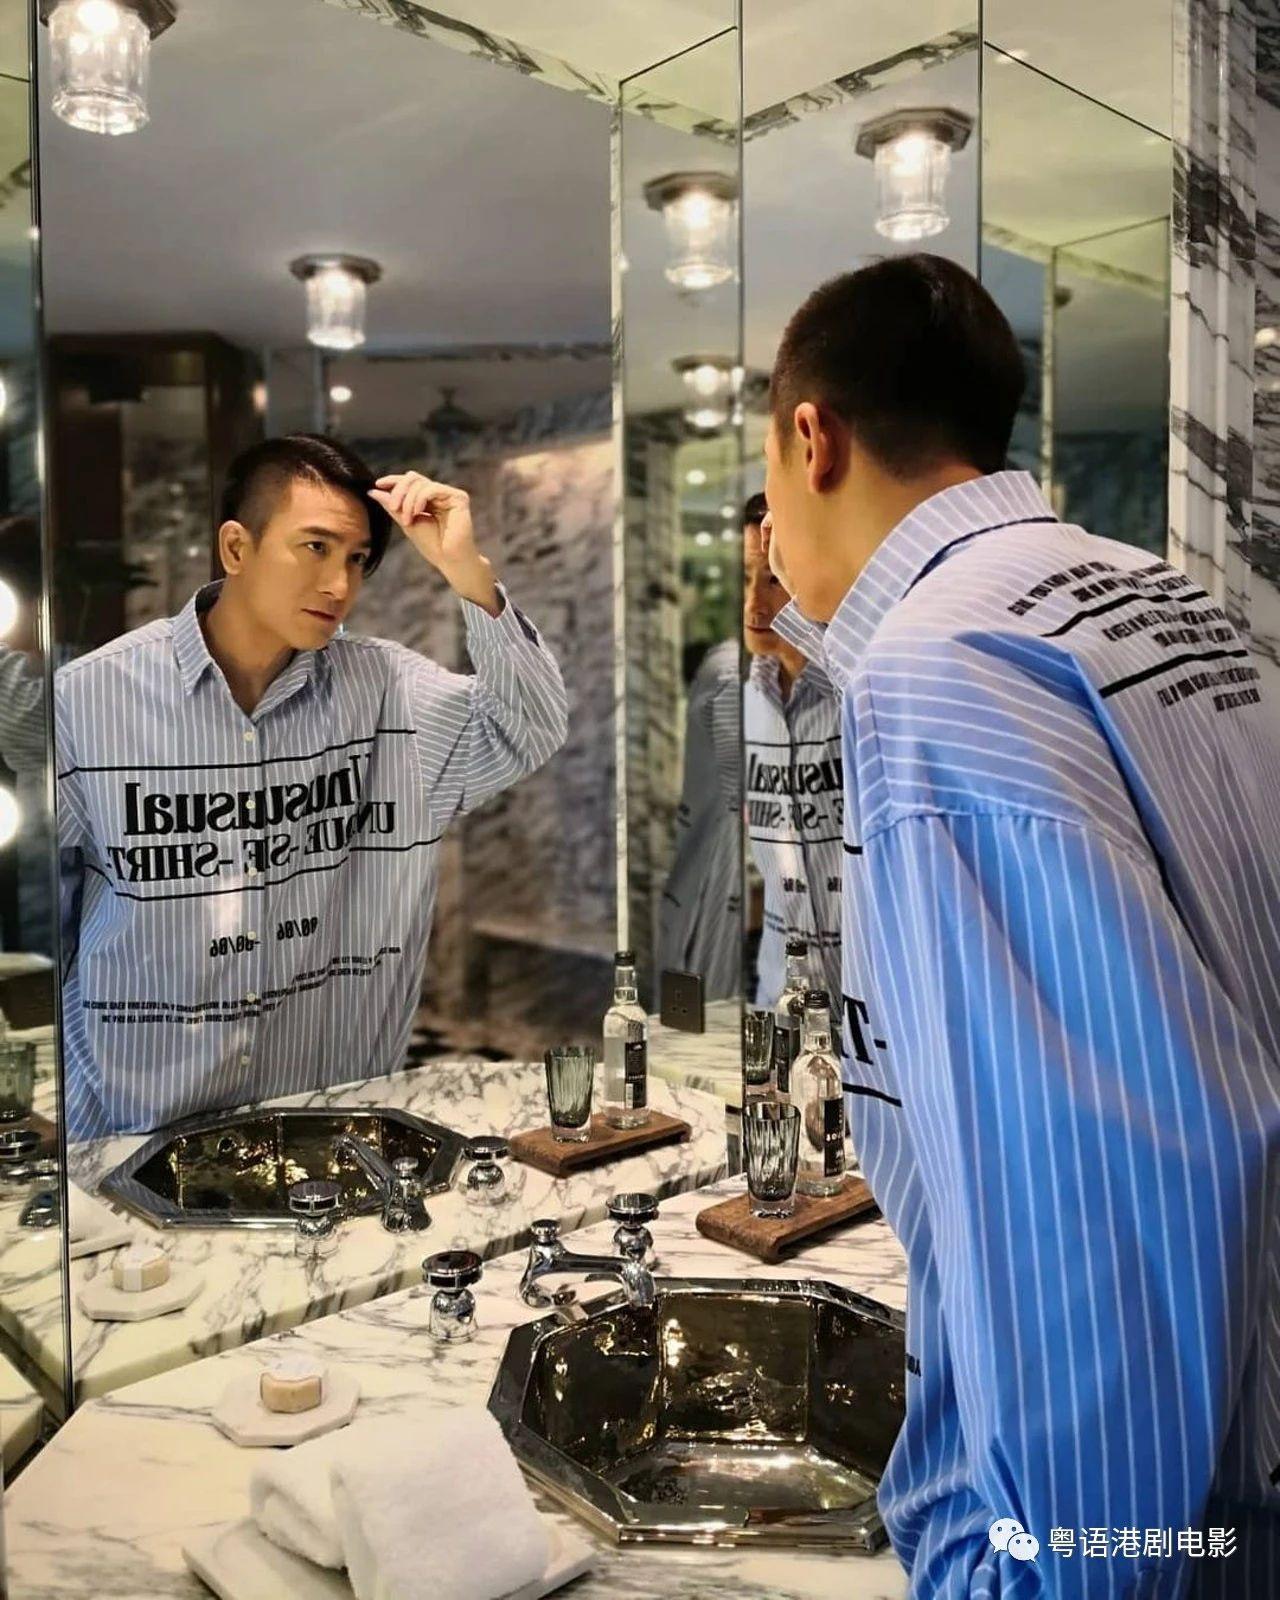 馬國明同湯洛雯拍拖後回春10年 公開亮相衣著打扮有好大對比?-圖5